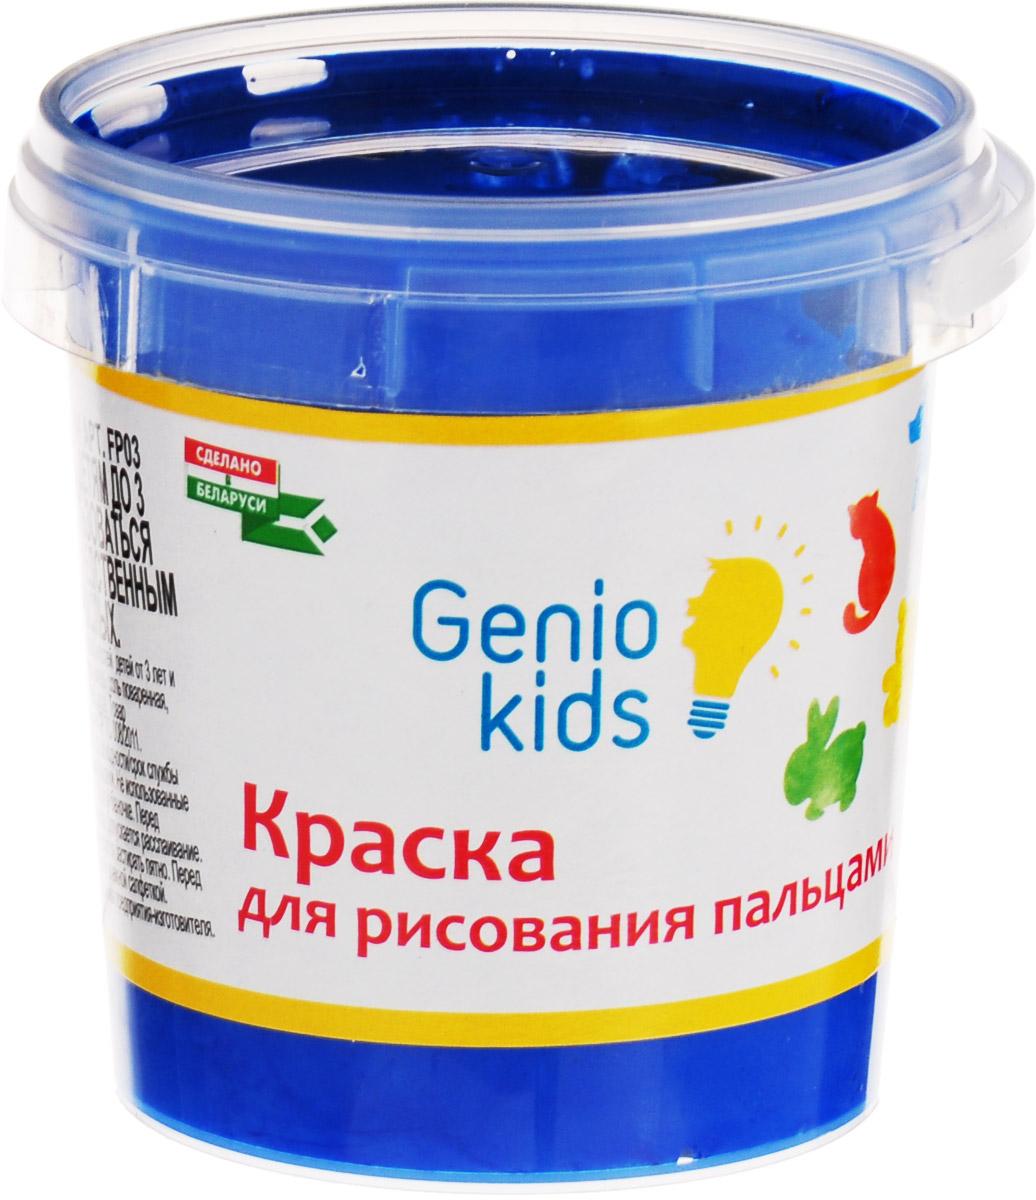 Genio Kids Краска пальчиковая цвет синий 100 млFP03_синийОдним из самых легких и интересных видов творчества, в котором ваш ребенок с удовольствием примет активное участие - это рисование.Пальчиковая краска Genio Kids даст вашему ребенку возможность проявить себя, предоставив необходимый минимум творческих принадлежностей. При использовании краски не понадобятся ни кисточка, ни вода, достаточно просто открыть банку, окунуть в краску пальчик – и можно приступать к творчеству.Пальчиковая краска безопасна, легко смывается с рук и любых поверхностей. Рисование будет развивать у вашего малыша творческие способности, воображение, логику, память, мышление.